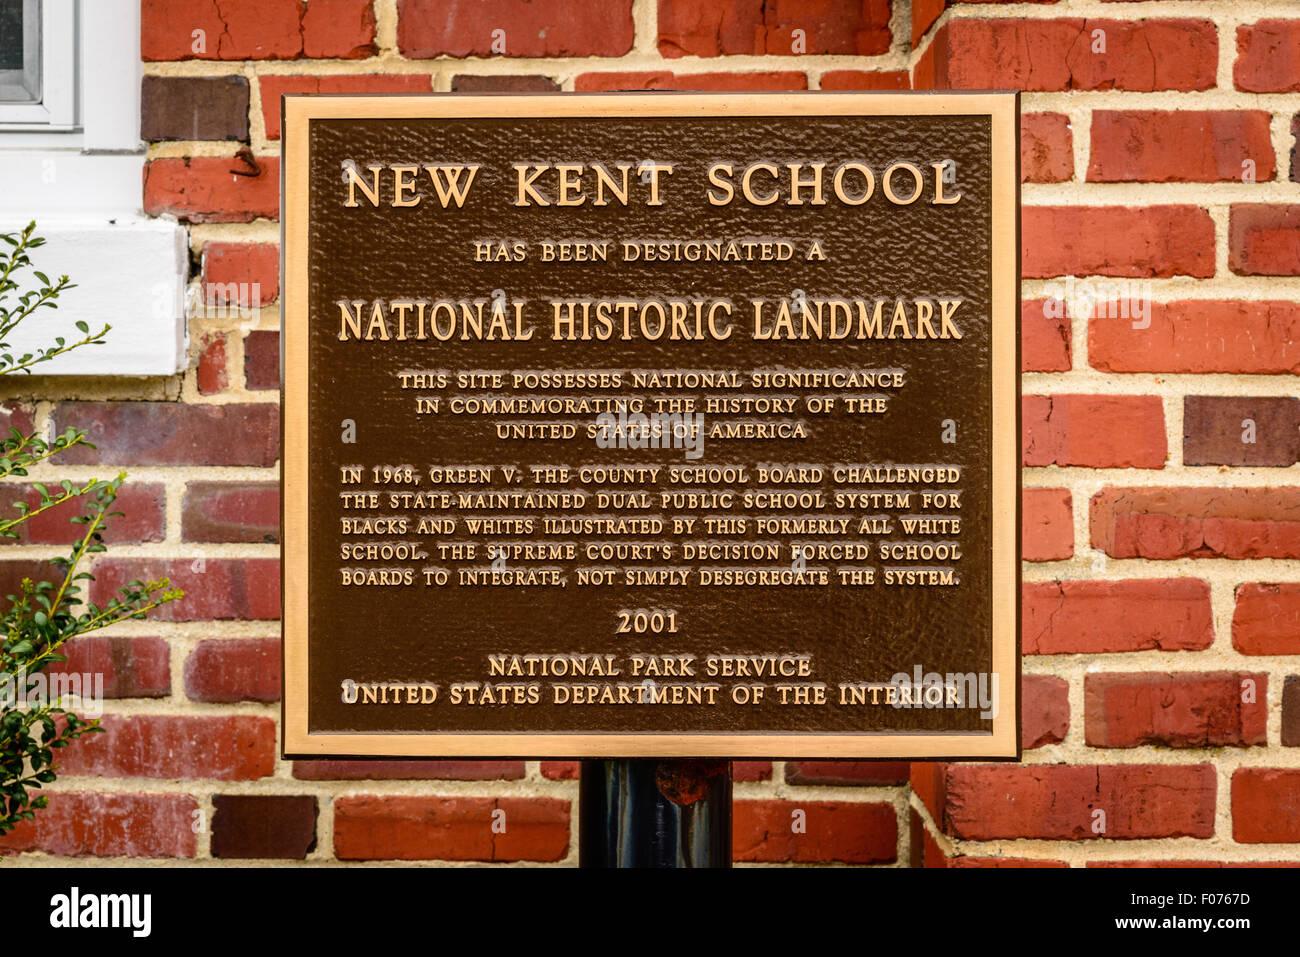 New Kent School, New Kent Highway, New Kent, Virginia - Stock Image